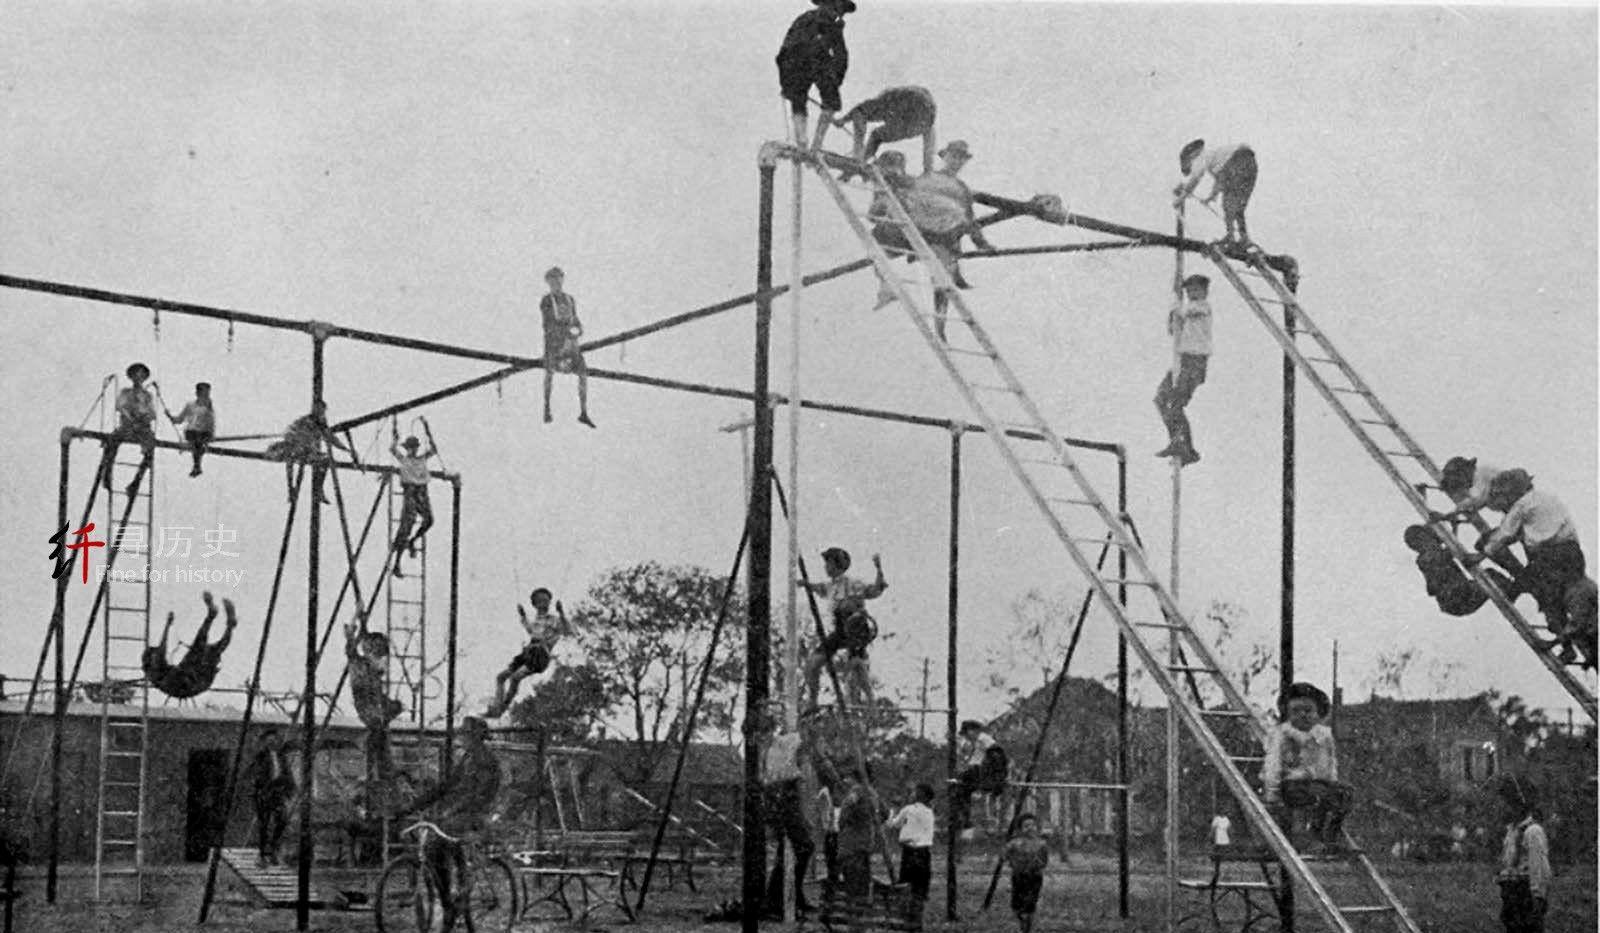 老照片 百年前危险的操场游戏设施 是否更有益儿童心理发展